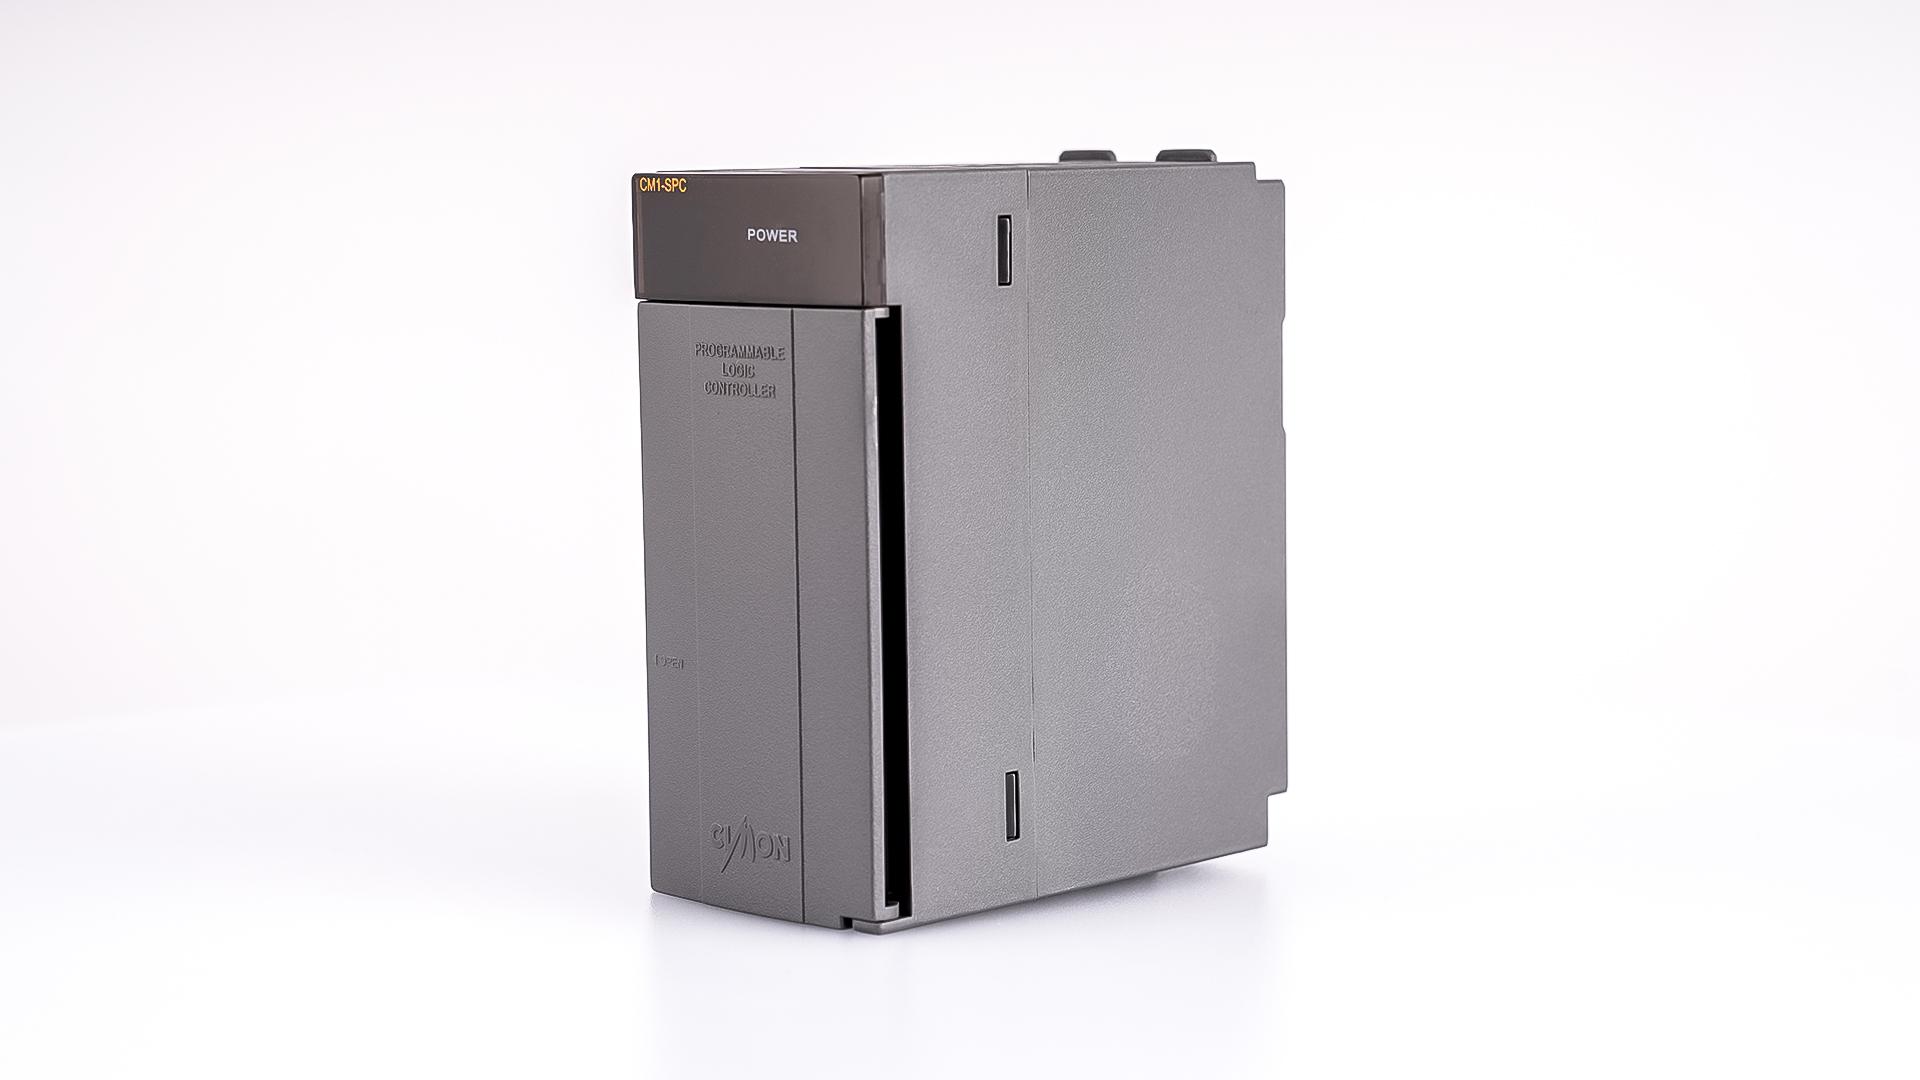 PLC_CM1-SPC_Power_4